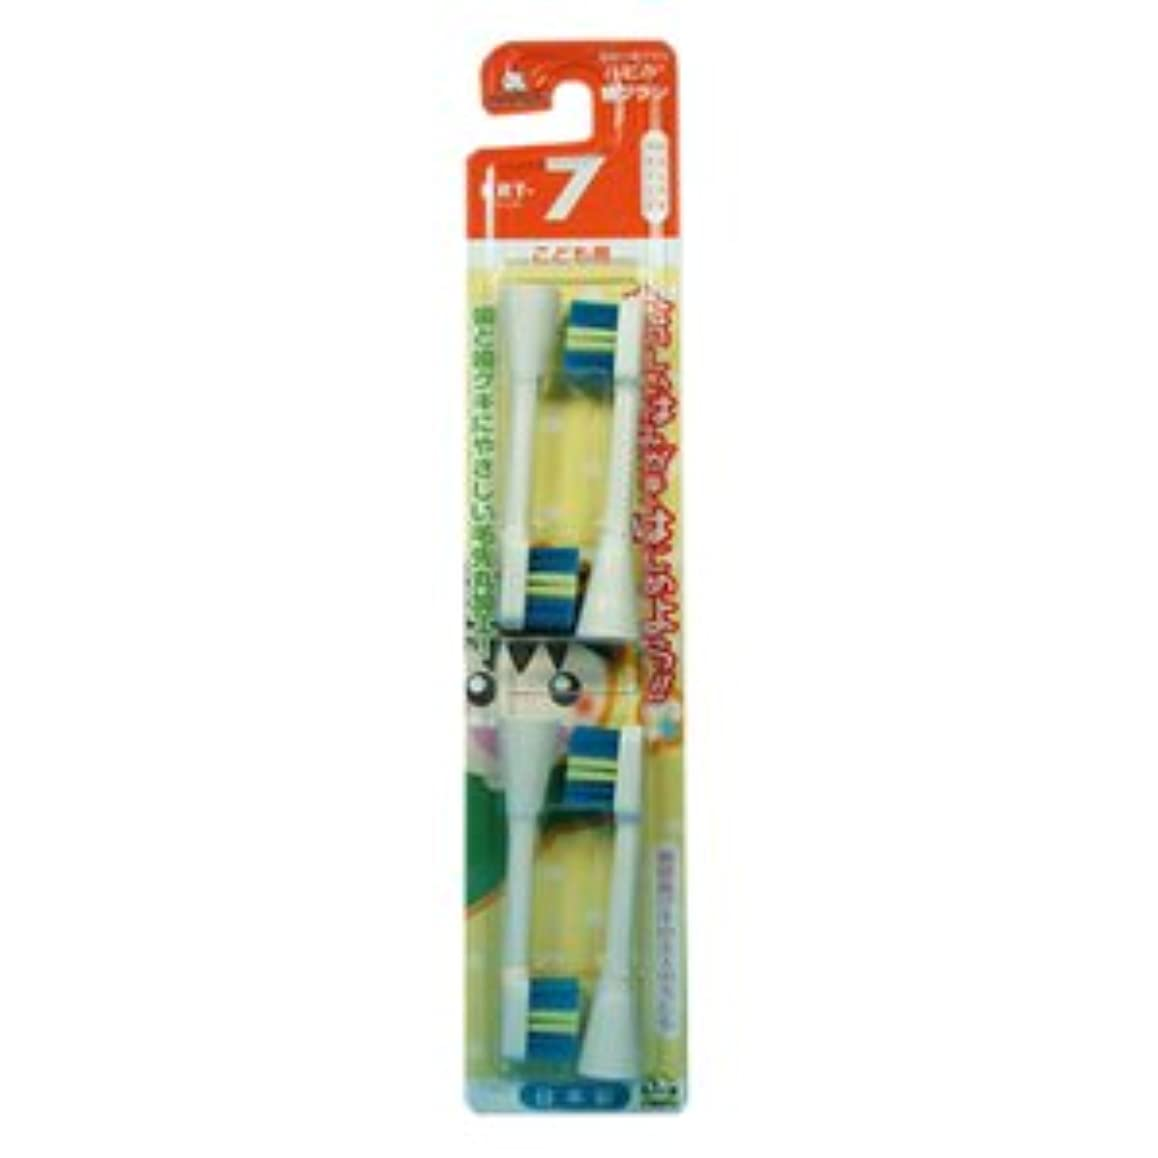 閉じ込める狂ったコントロールミニマム 電動付歯ブラシ ハピカ 専用替ブラシ こども用 毛の硬さ:やわらかめ BRT-7 4個入